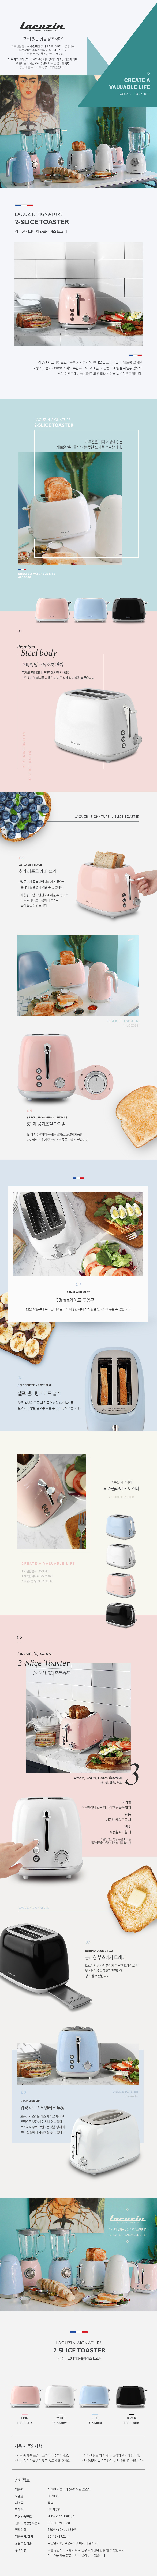 시그니처 메탈 토스터 LCZ330PK 핑크 - 라쿠진, 99,000원, 오븐/토스터기/튀김기, 토스터